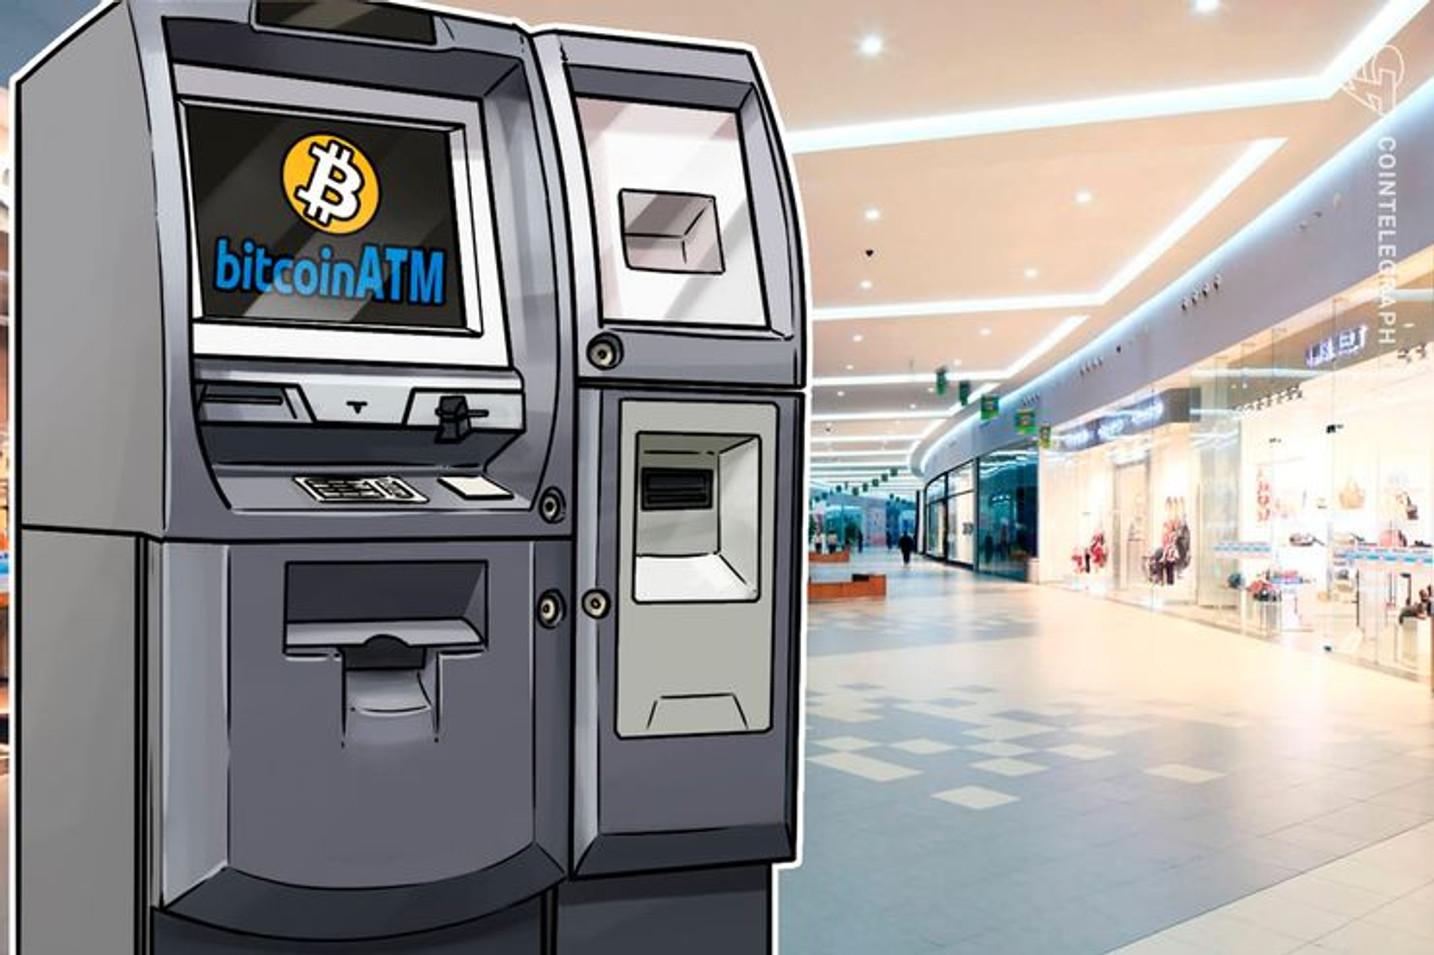 Cajeros de Bitcoin en España: ¿Cuántos hay y cómo funcionan?